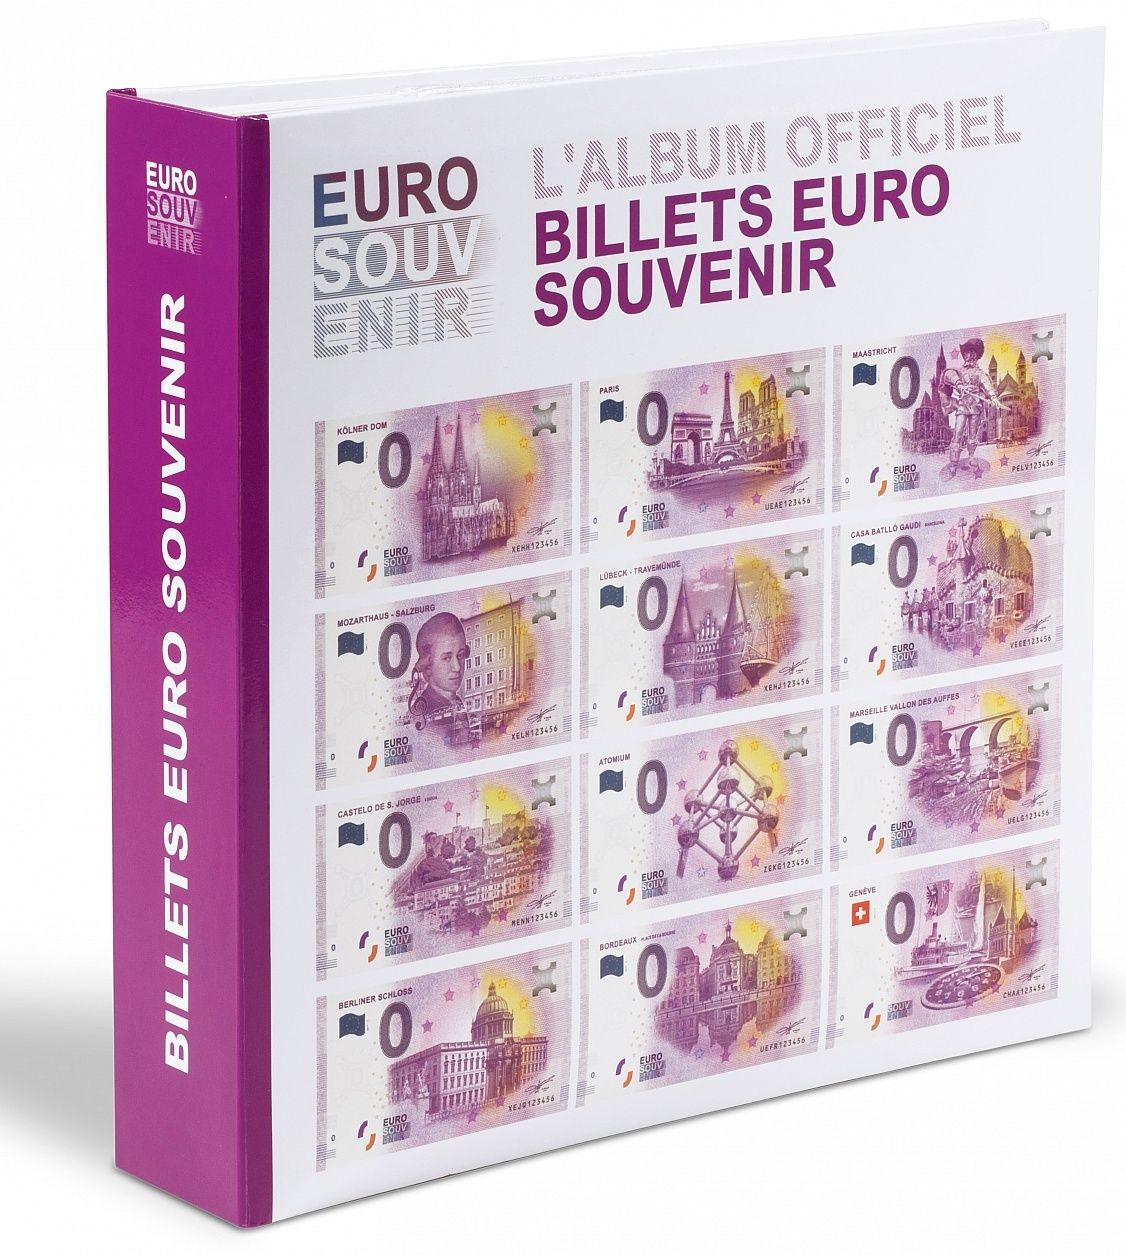 """Leuchtturm album na 200 ks EURO """"SUVENÝR"""" bankovek"""